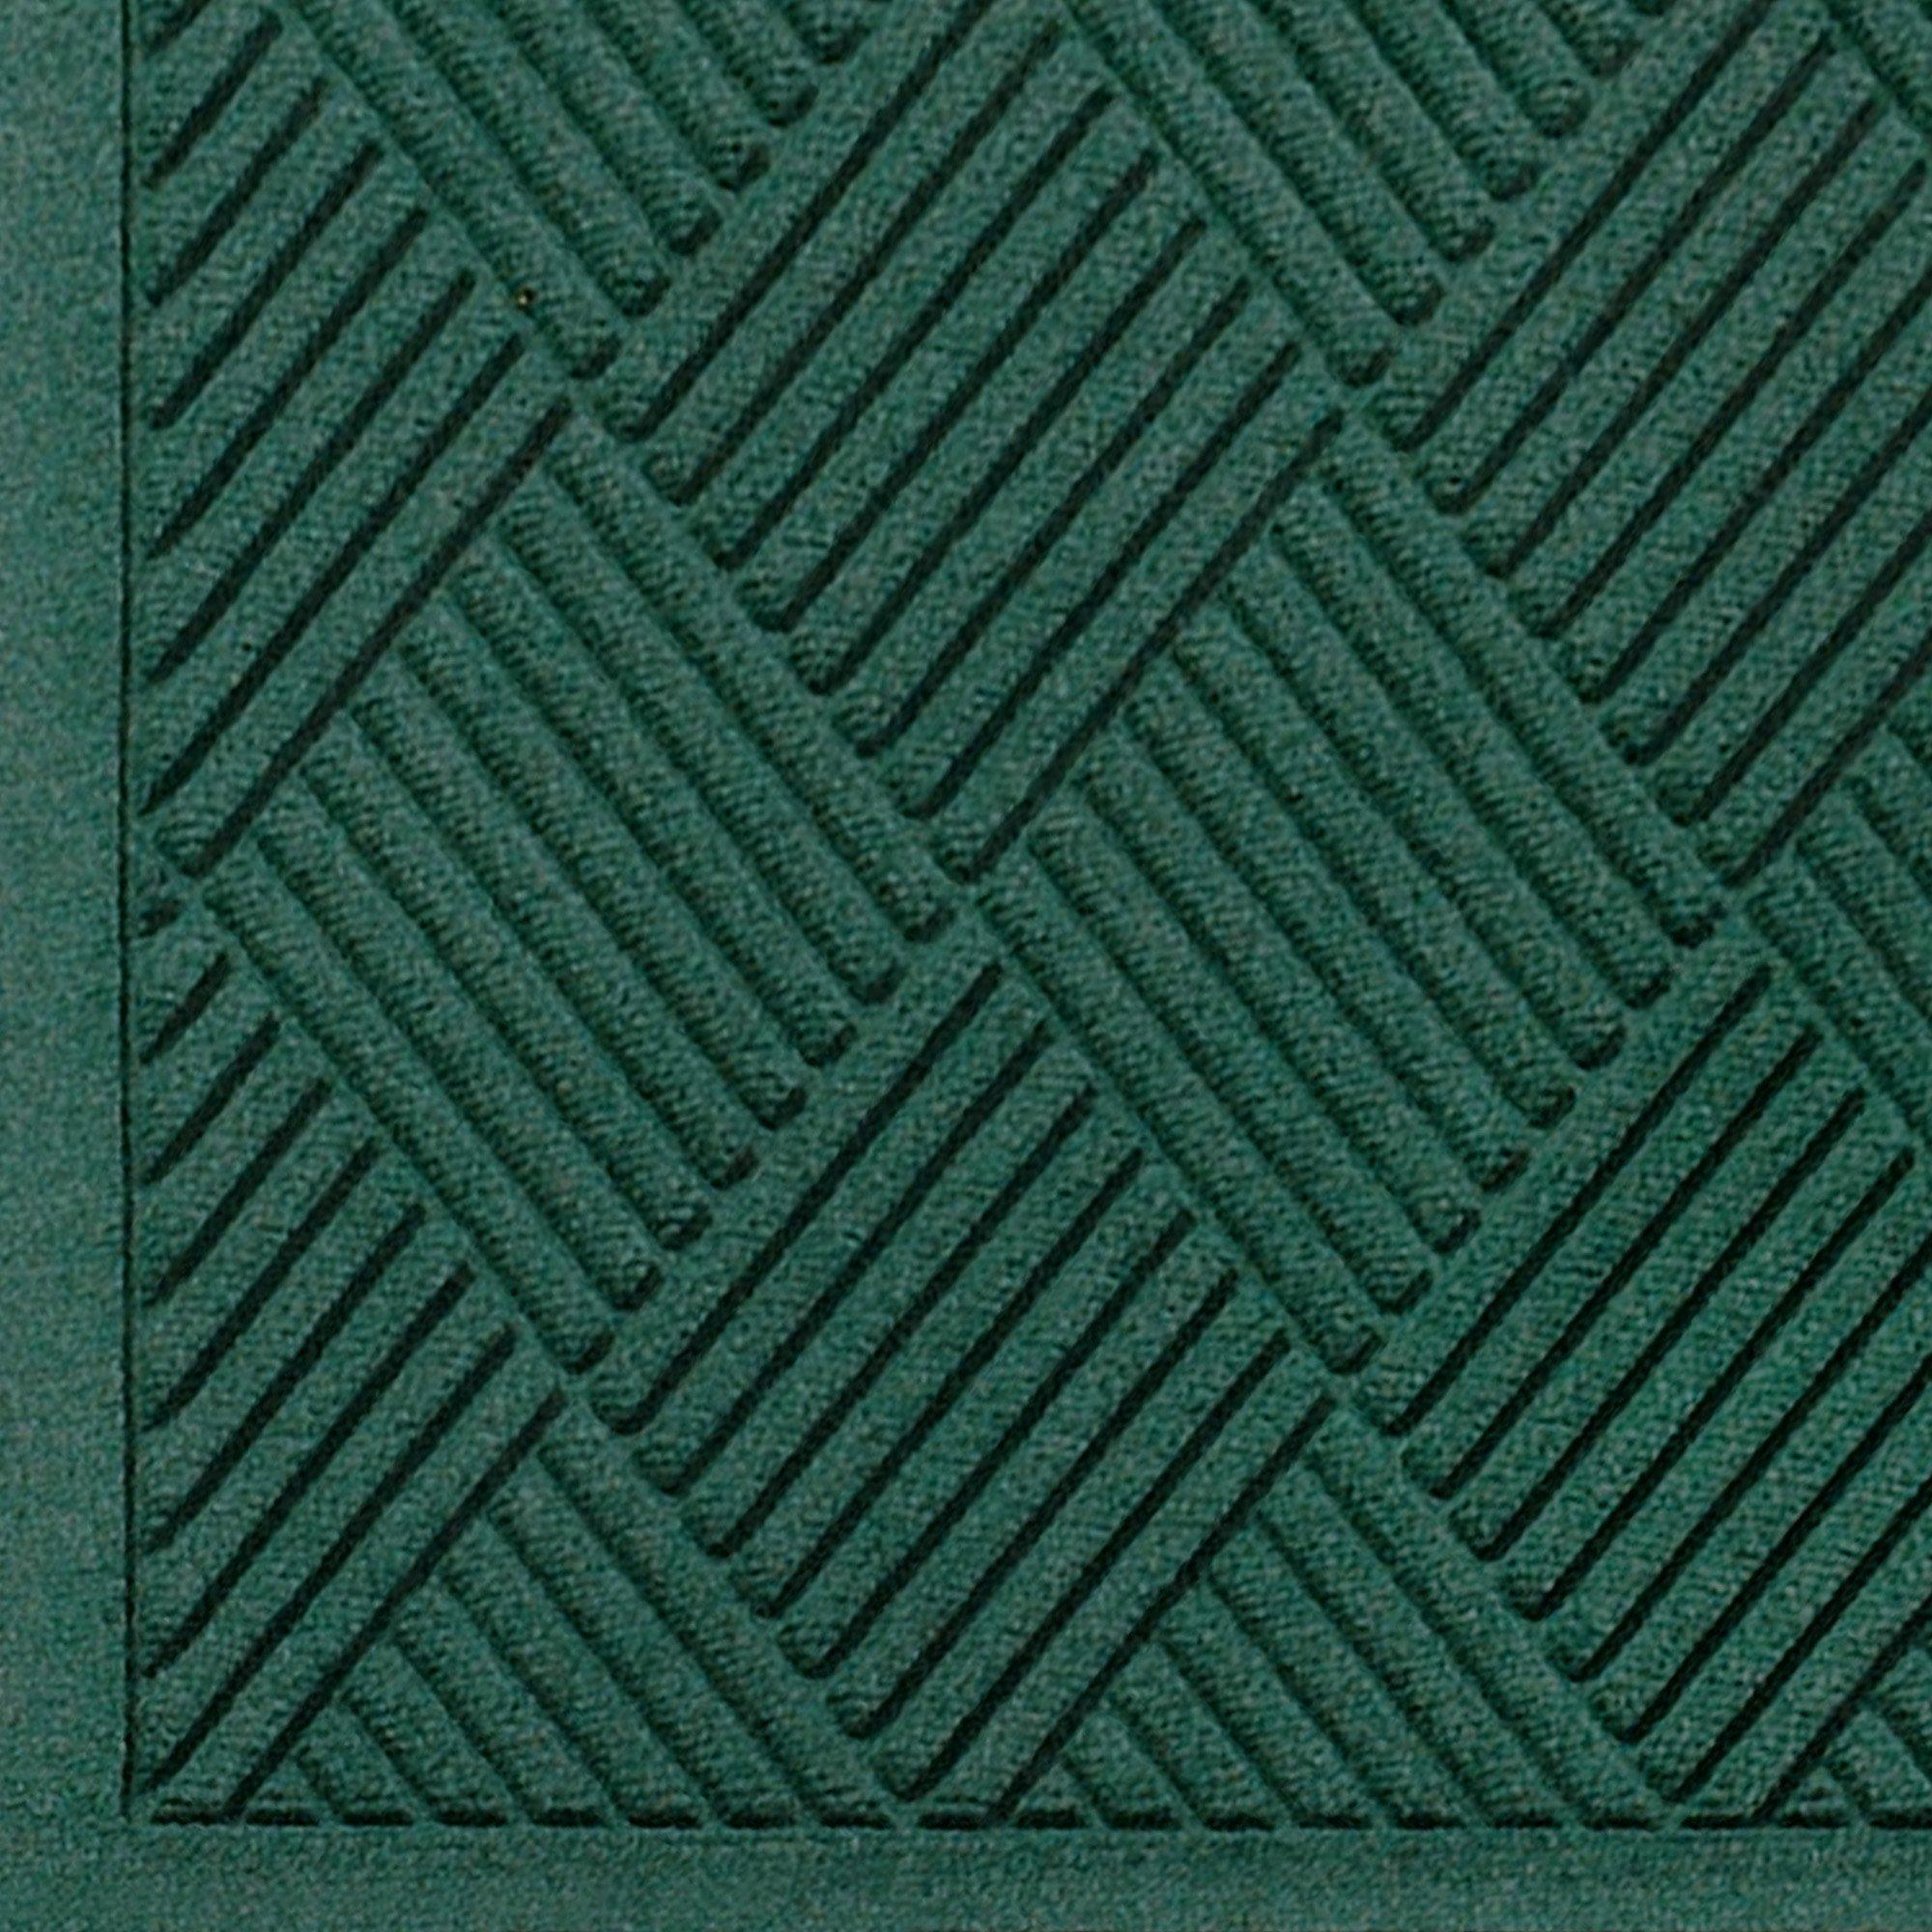 """M+A Matting 221 Waterhog Fashion Diamond Polypropylene Fiber Entrance Indoor/Outdoor Floor Mat, SBR Rubber Backing, 4' Length x 3' Width, 3/8"""" Thick, Evergreen"""